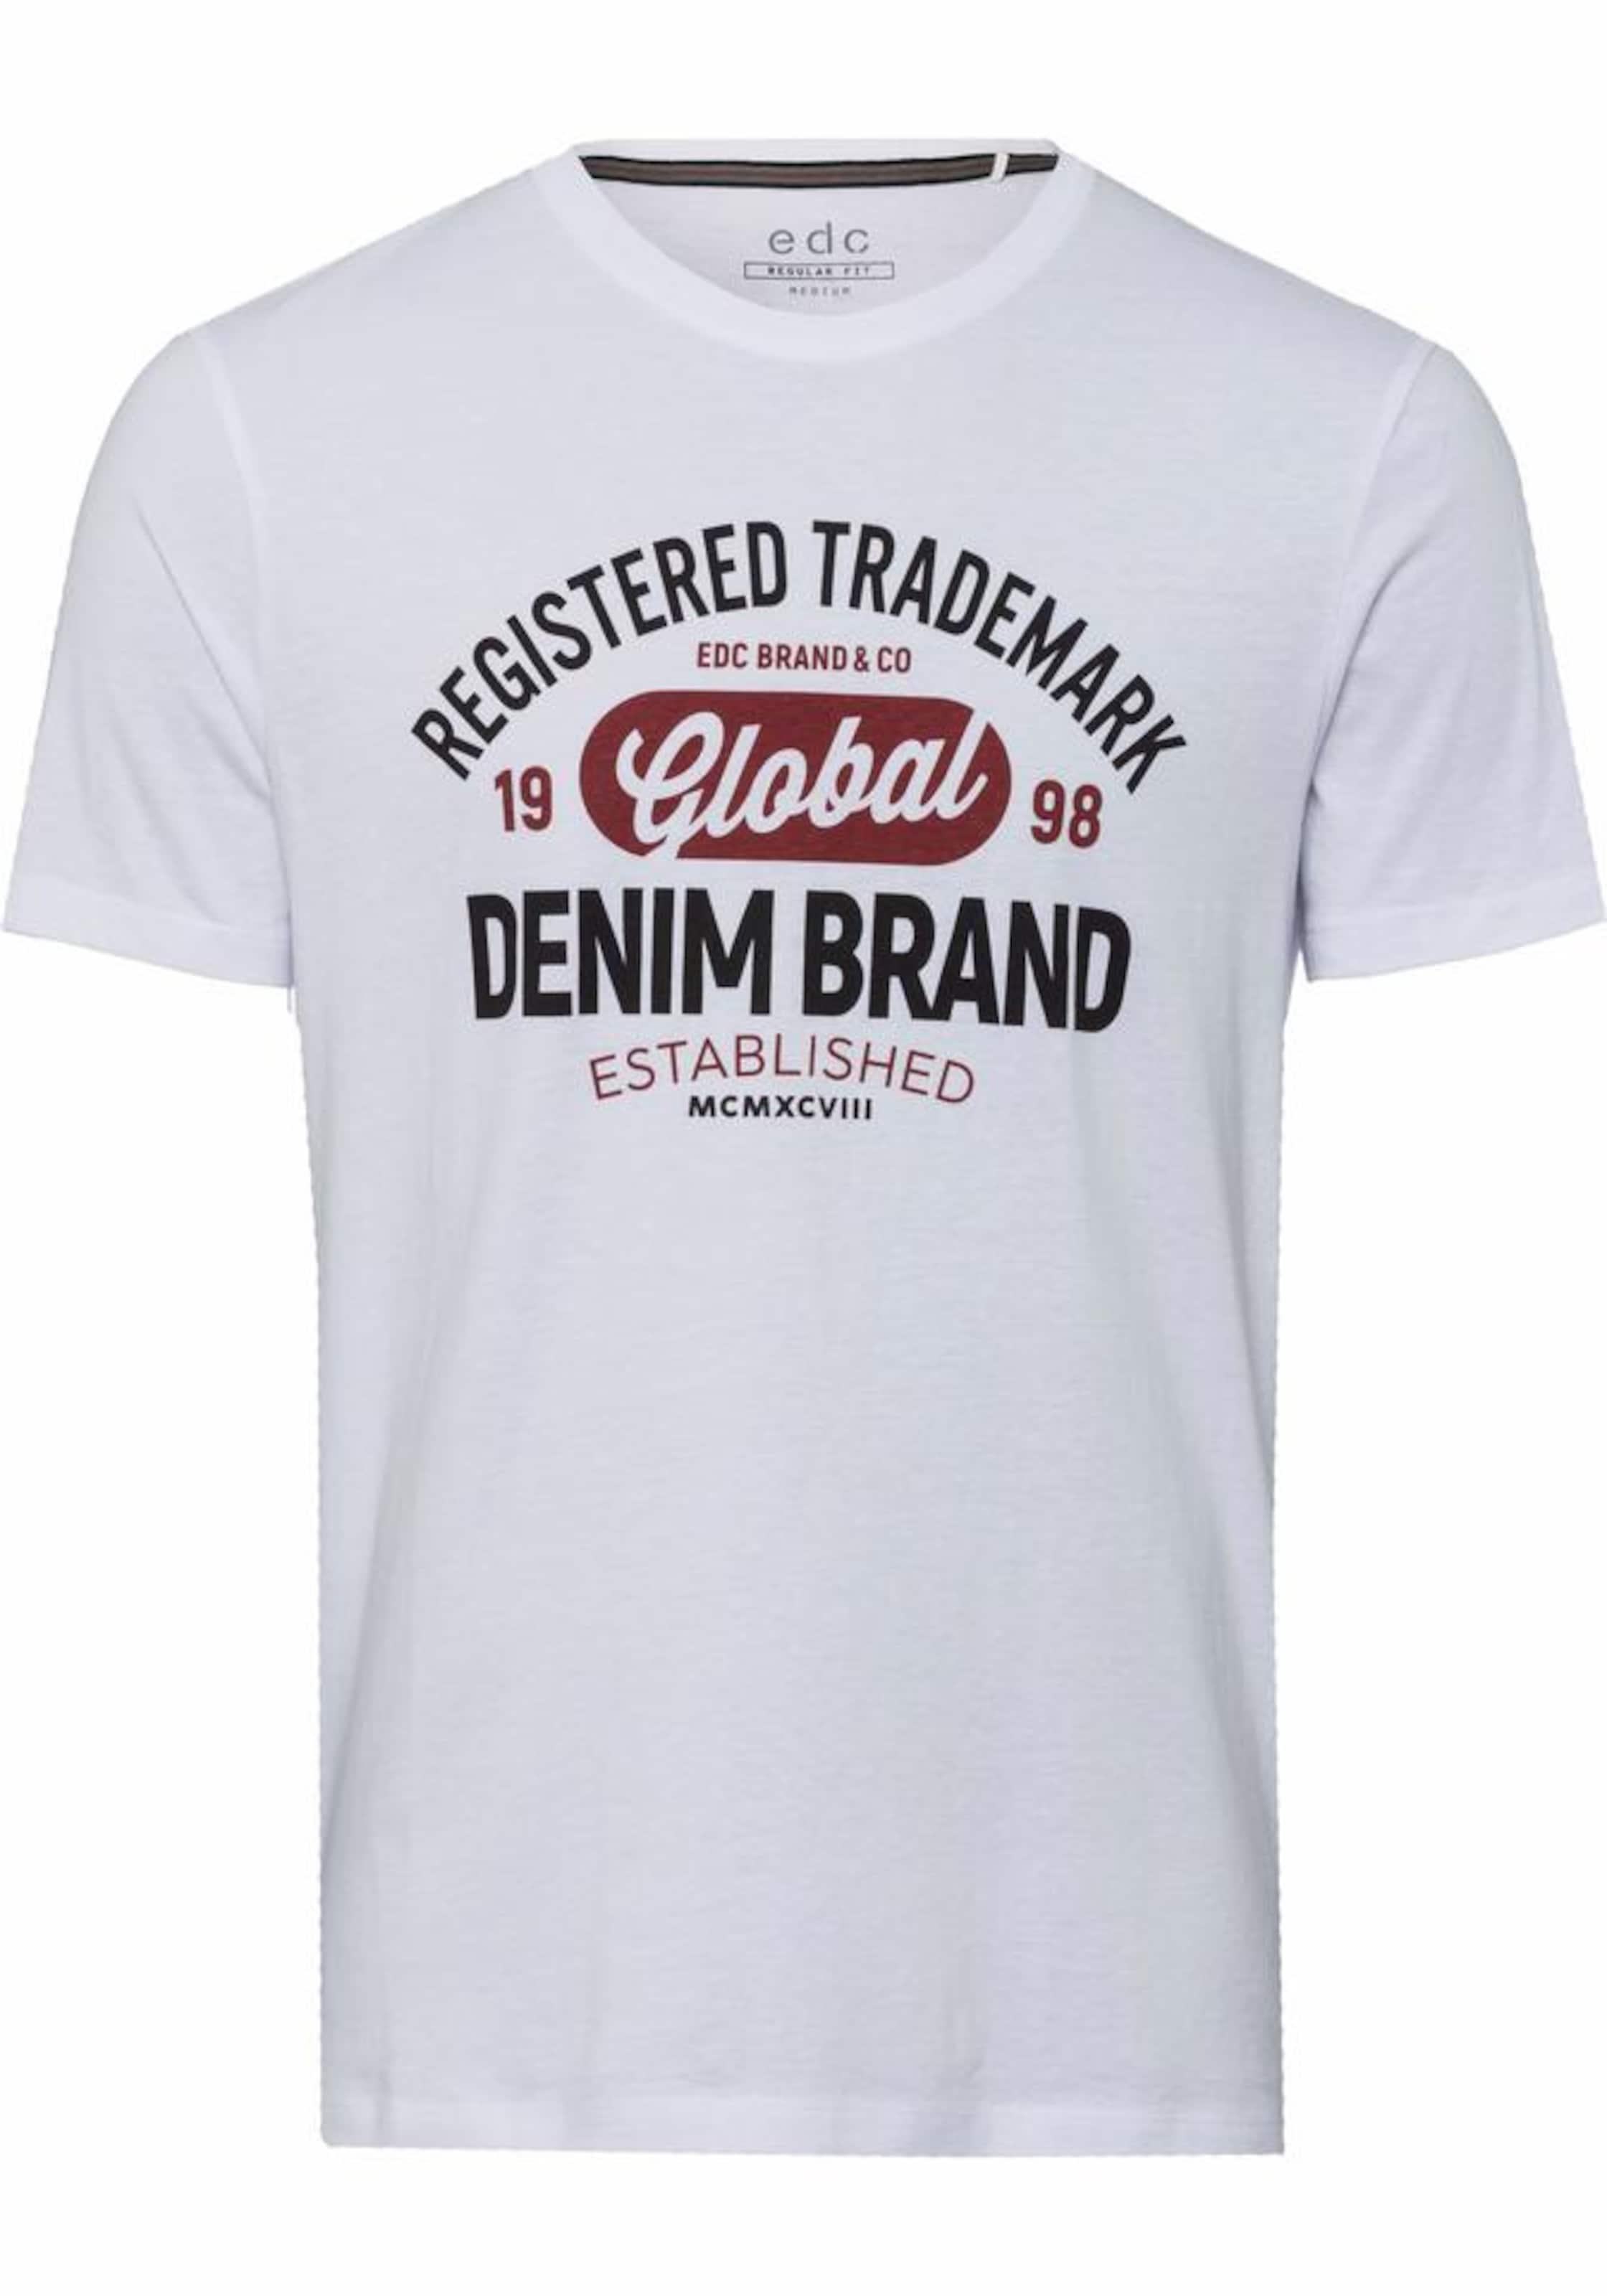 Günstiges Online-Shopping EDC BY ESPRIT T-Shirt Billig Verkauf Versand Niedriger Preis Gebühr Wie Viel Günstig Online Fälschung Günstiger Preis Amazon Online iN0Gh